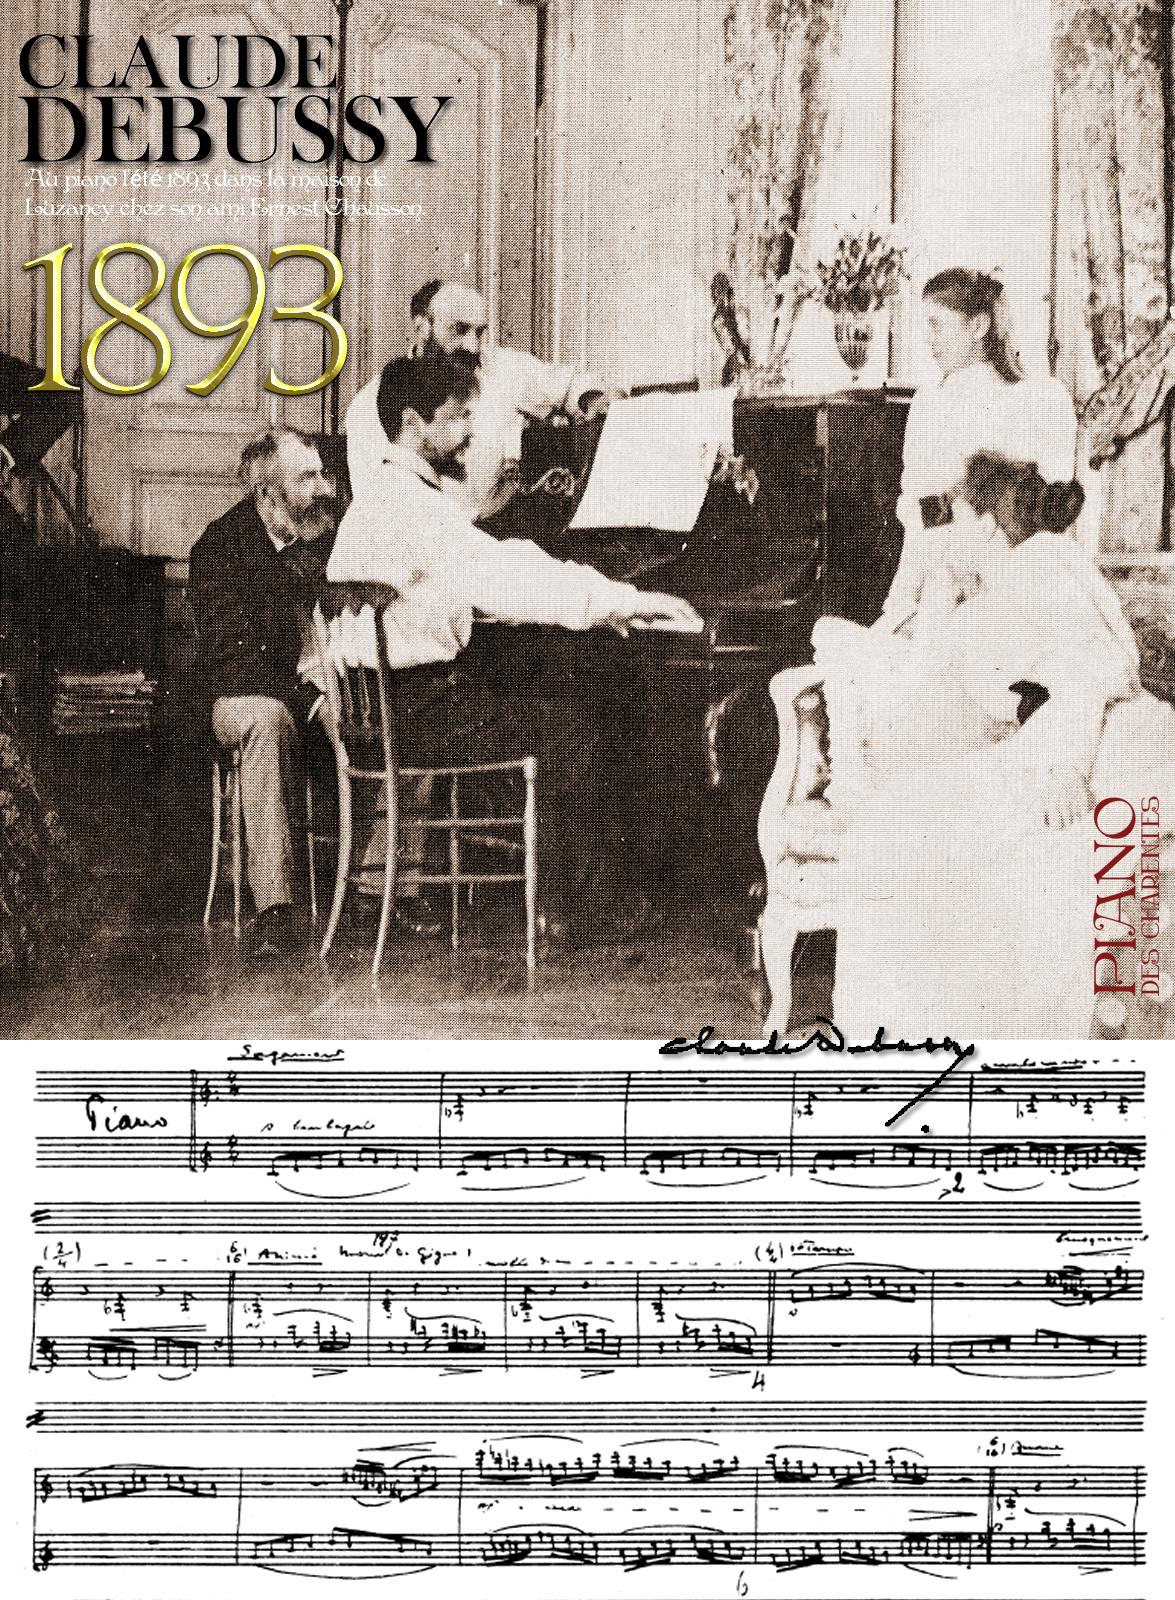 Claude DEBUSSY 1893